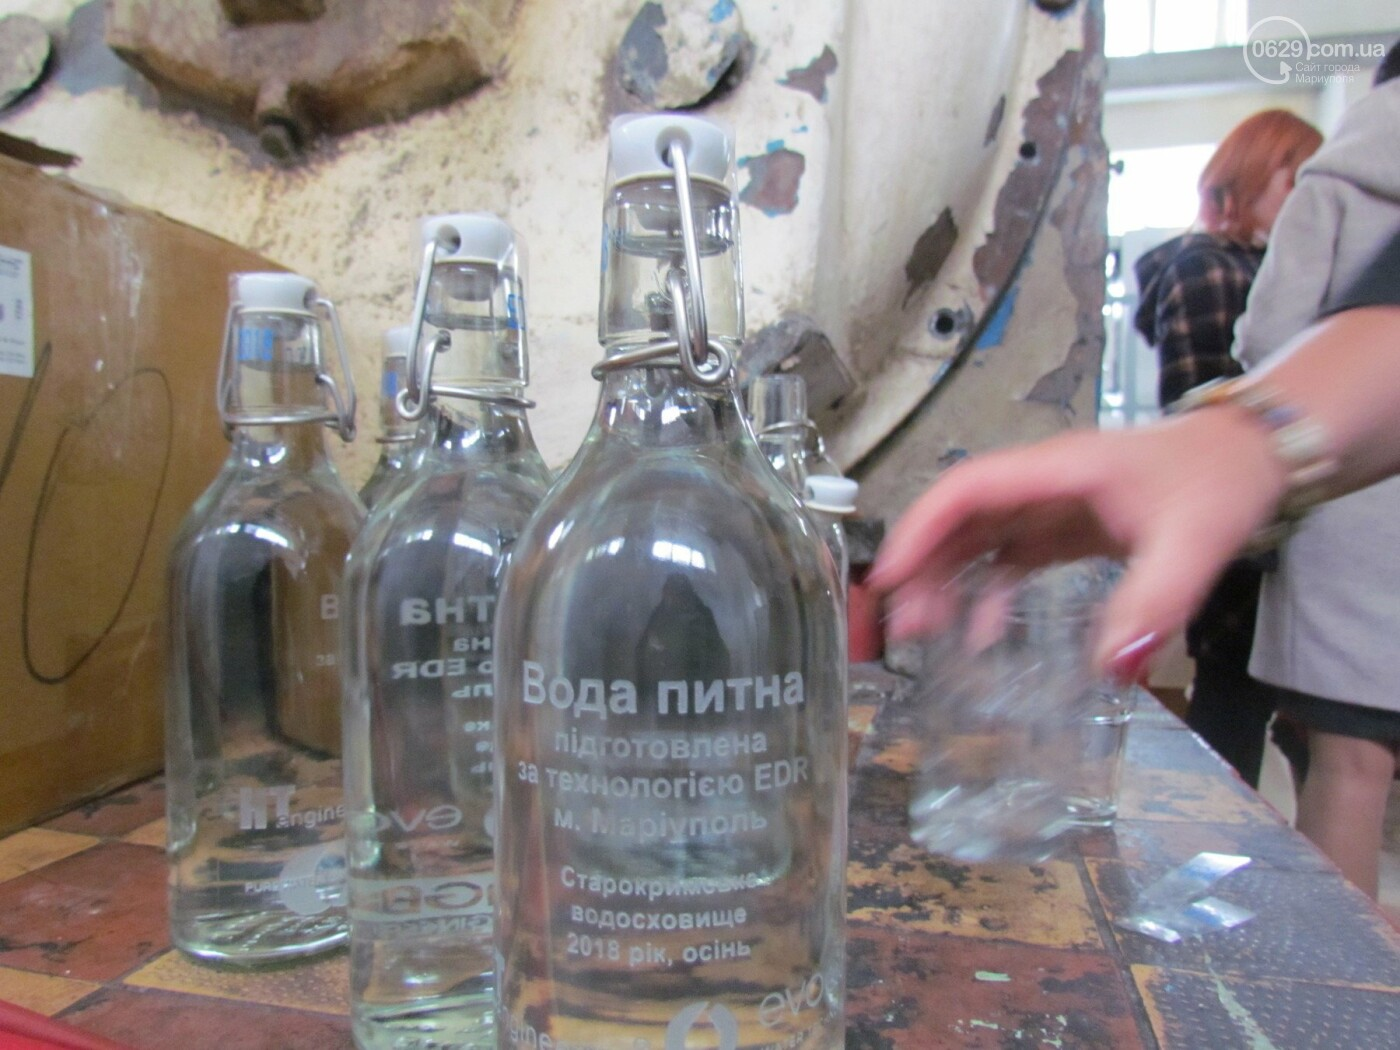 Мэр Мариуполя попробовал очищенную воду на фильтровальный станции в Каменске, - ФОТО, фото-2